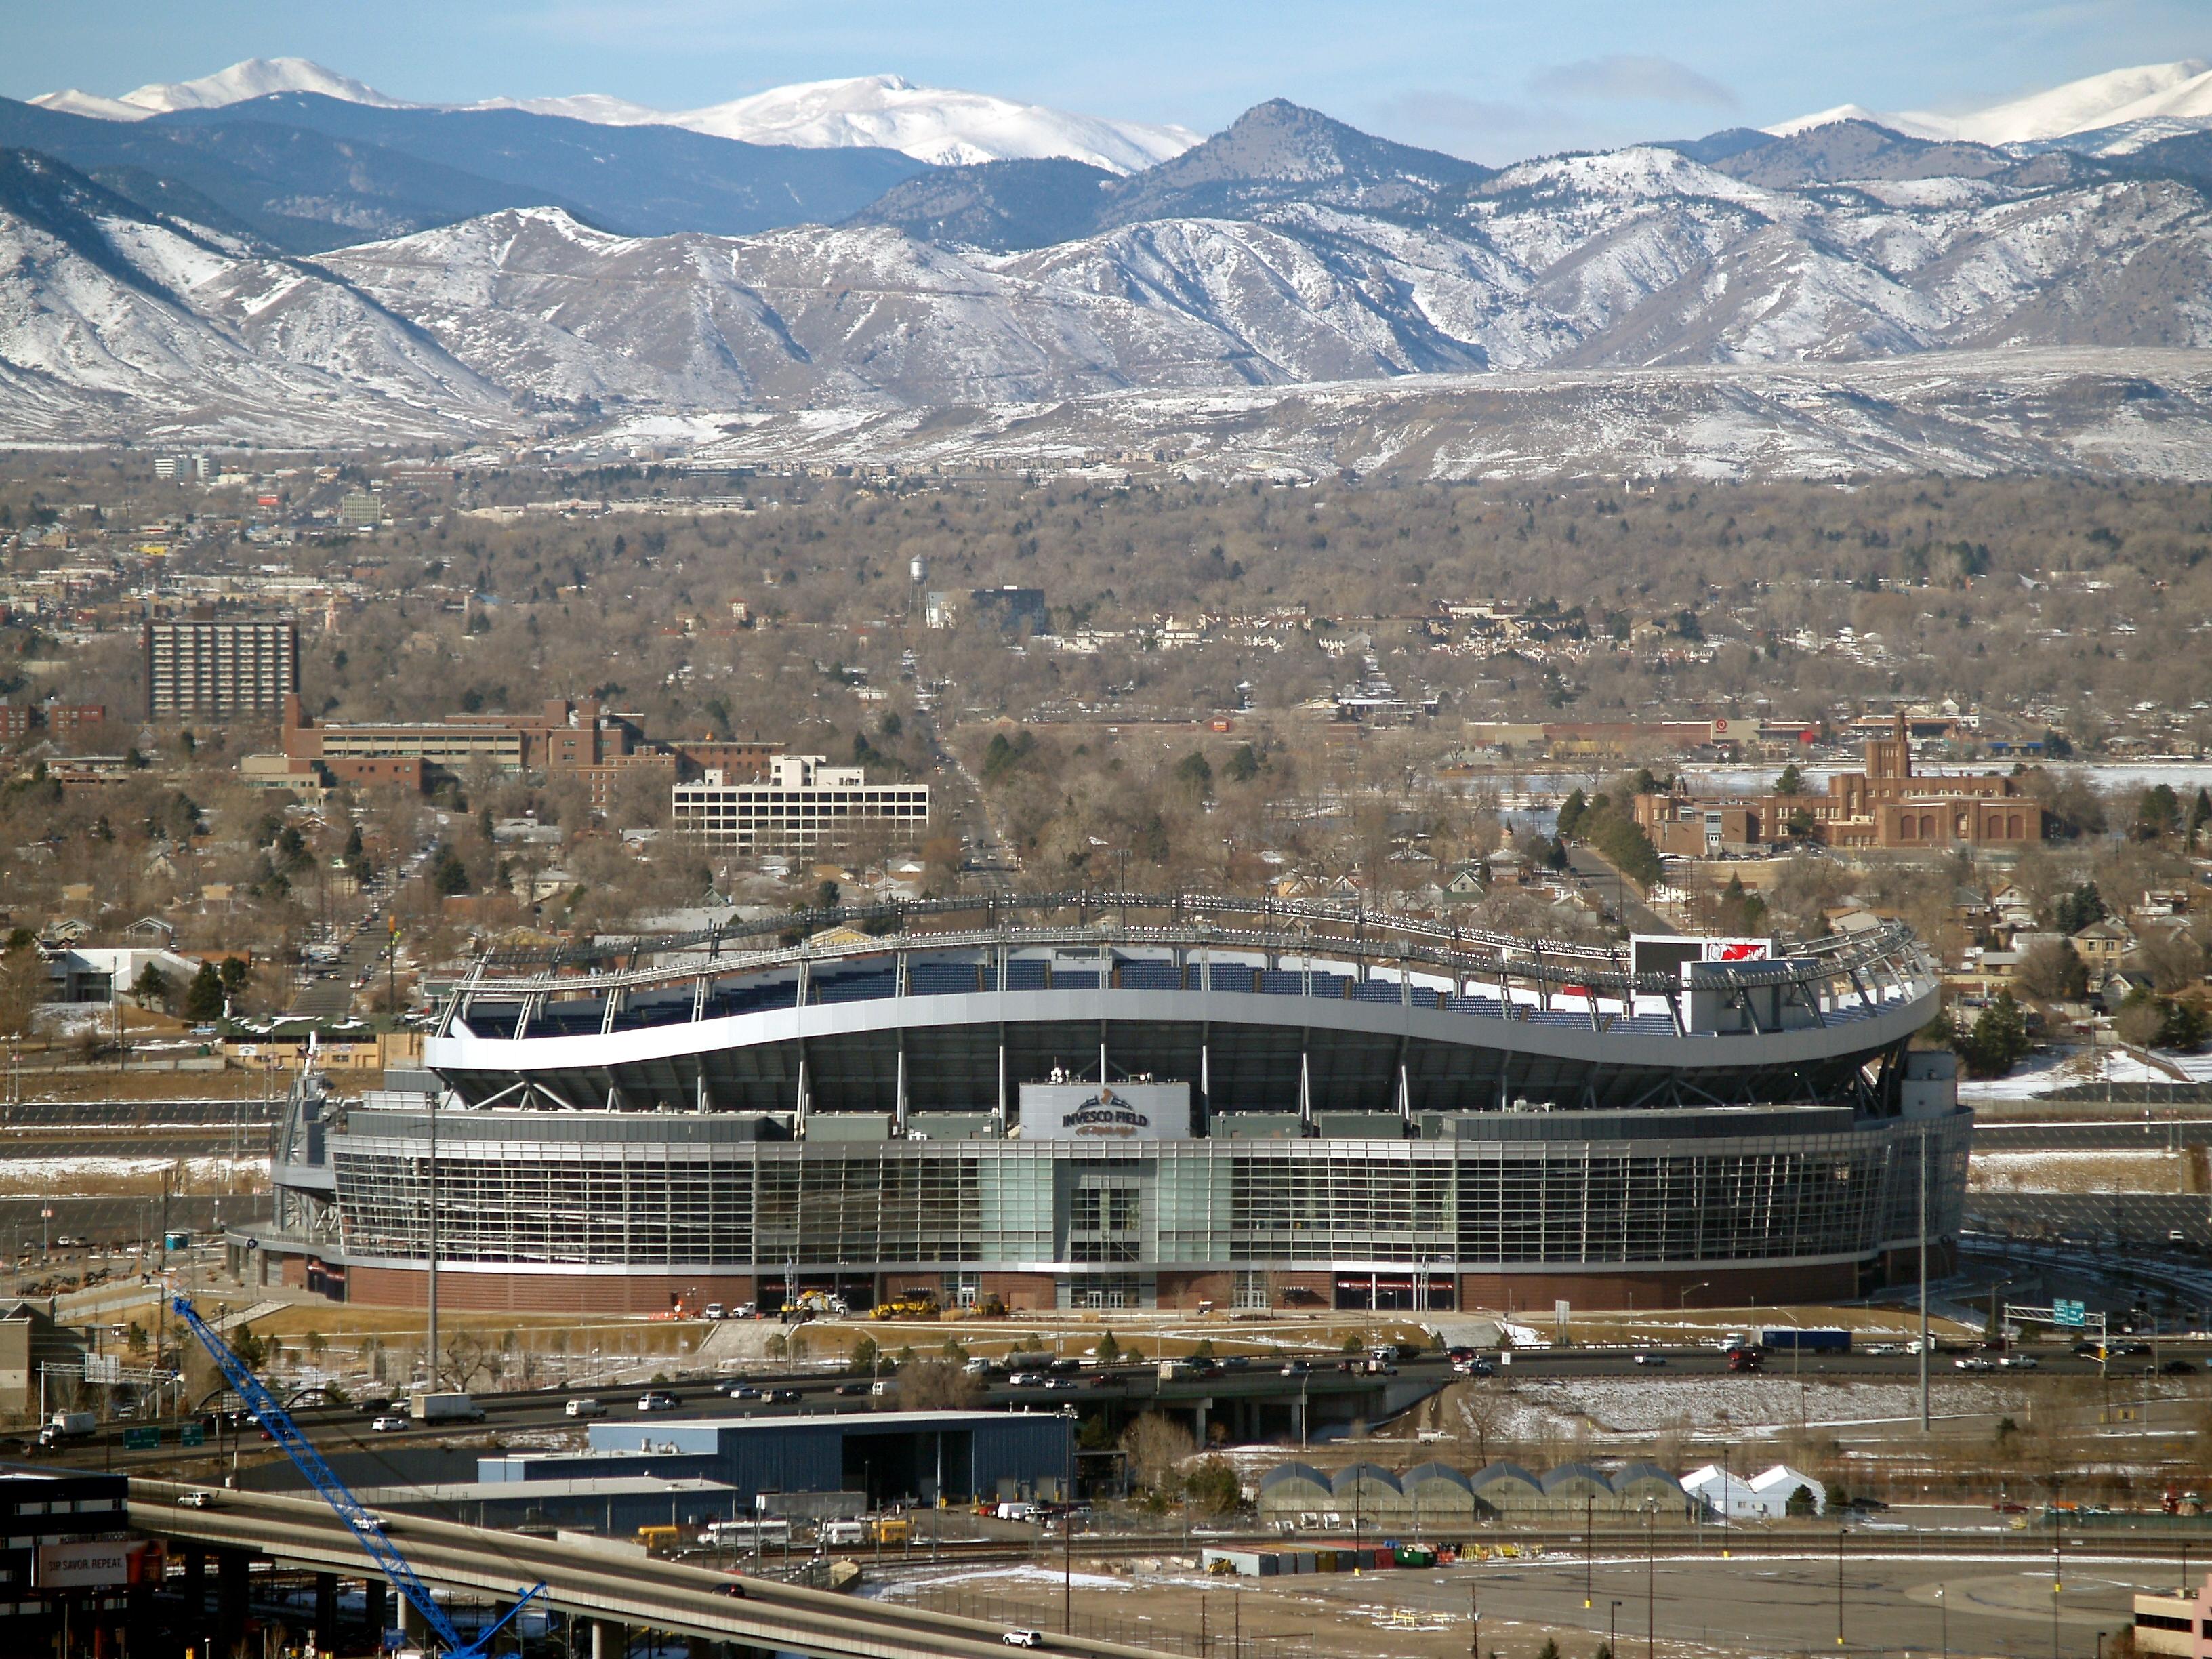 Aerial Drone Photos of Mile High Stadium - Denver Broncos |Mile High Stadium Denver Broncos